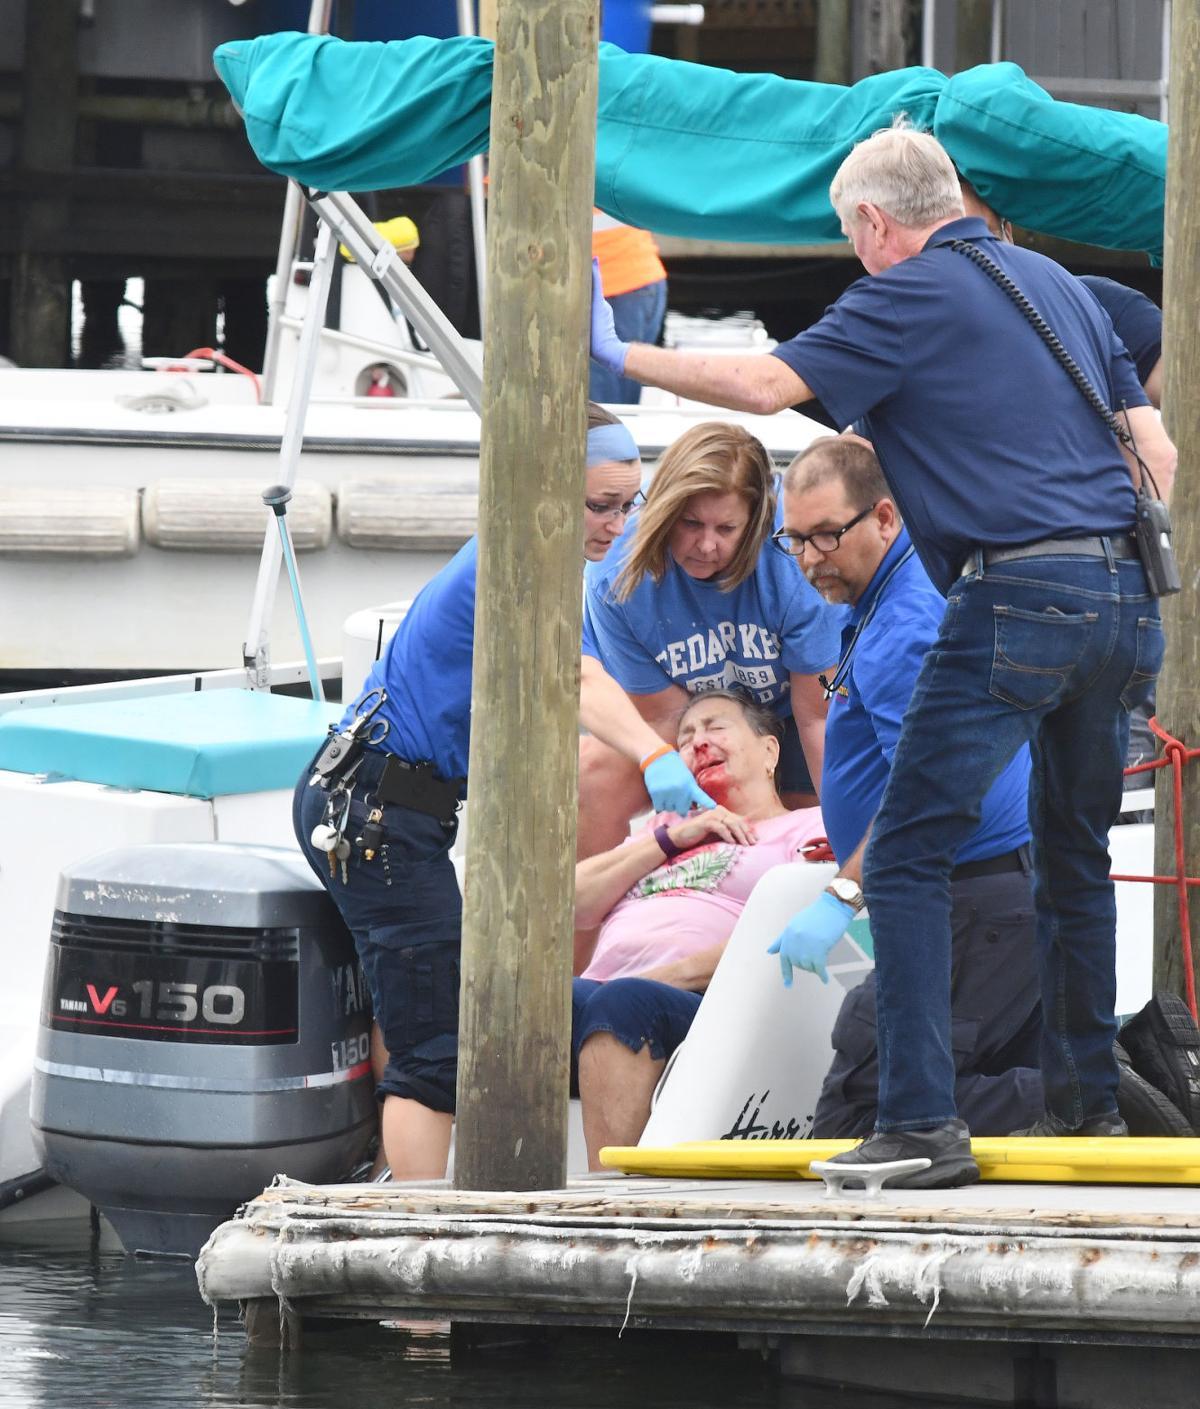 Boating crash dominant